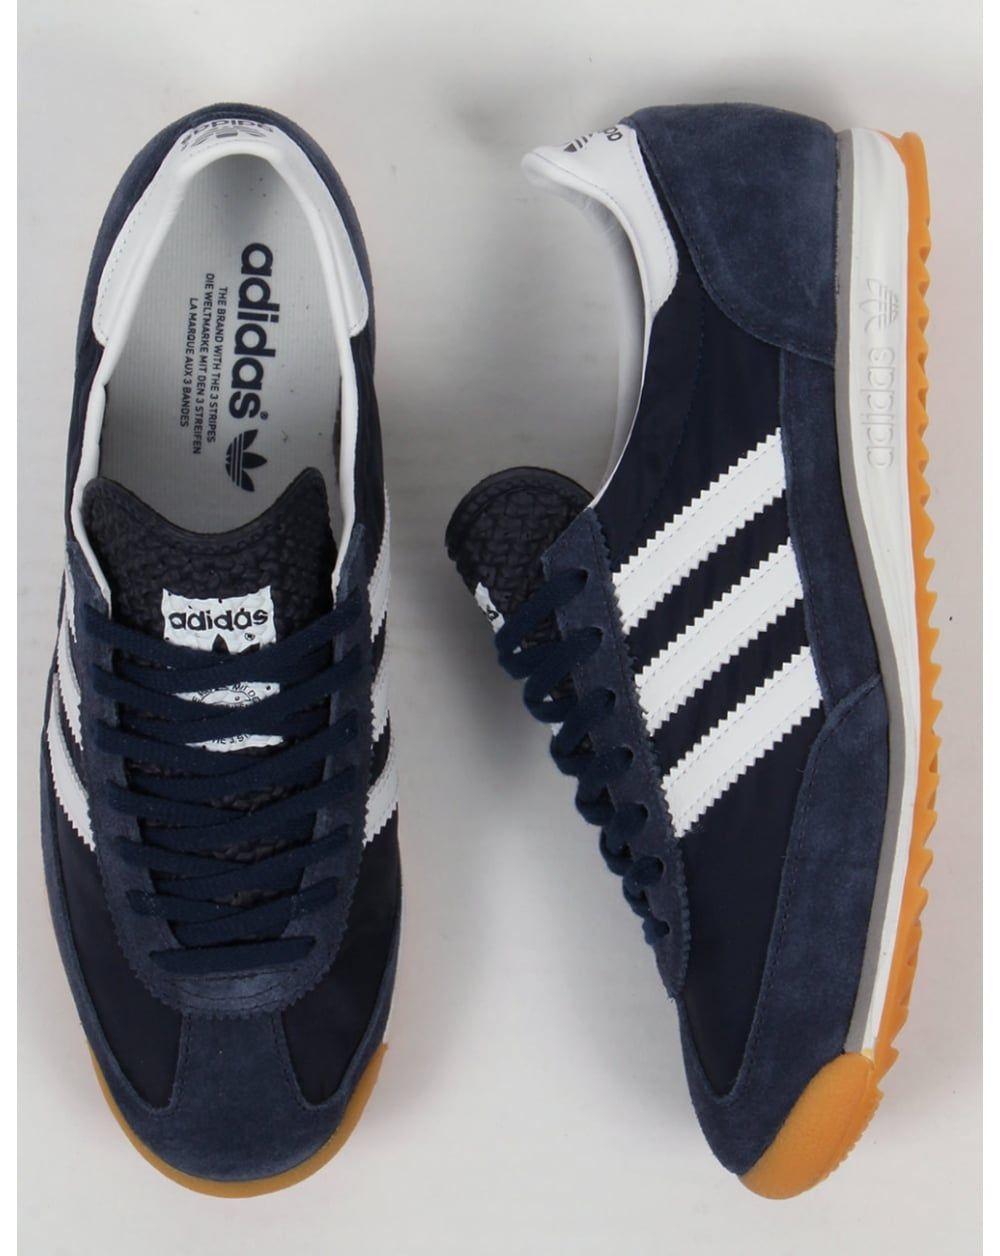 Nowe zdjęcia jak kupić kupować tanio Adidas SL 72 Trainers Navy/white in 2019 | Sneakers fashion ...